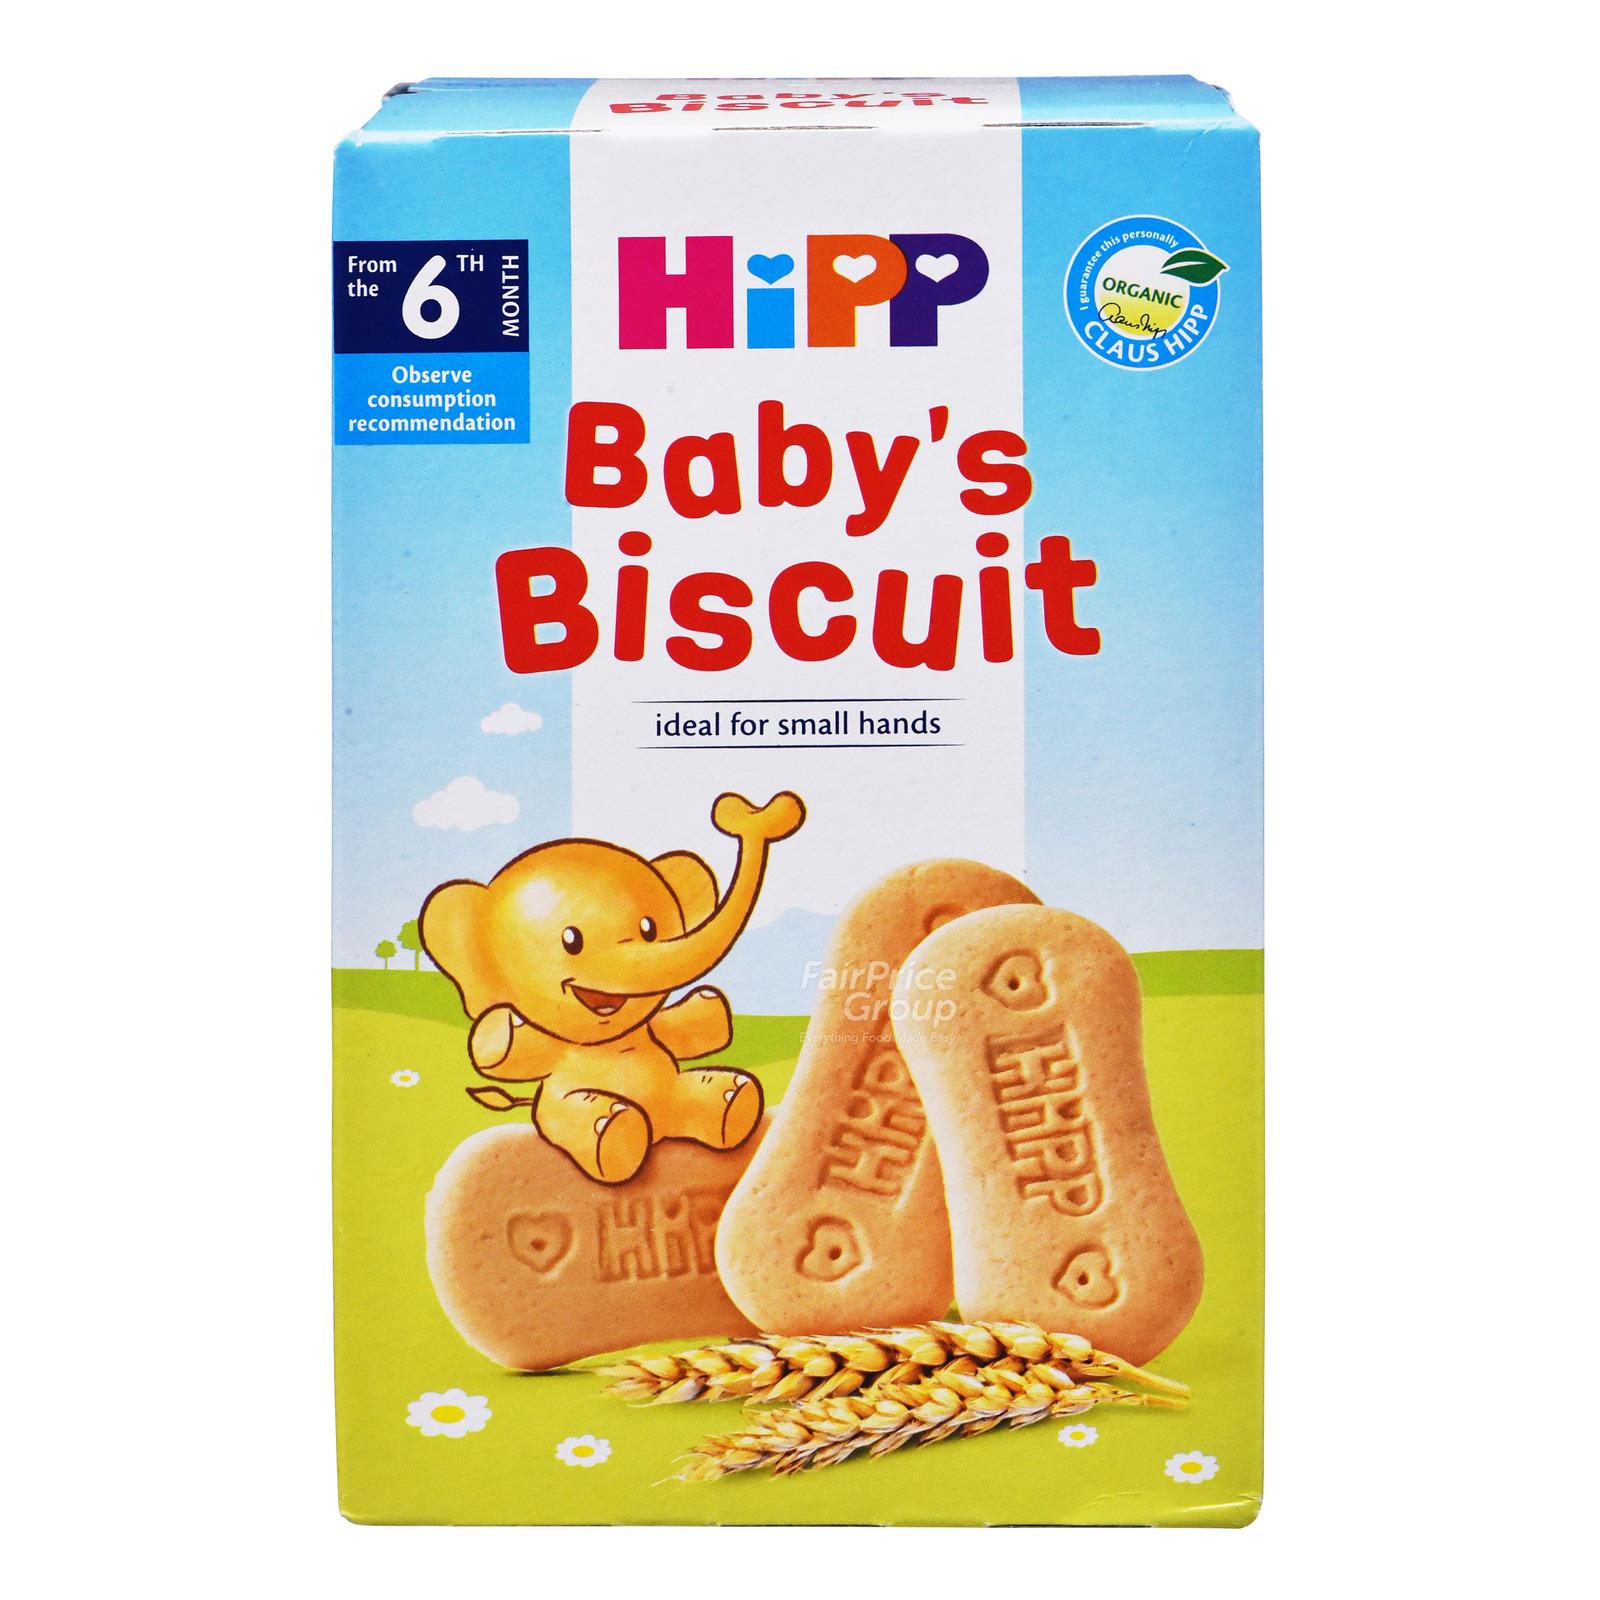 HiPP Organic Baby's Biscuit